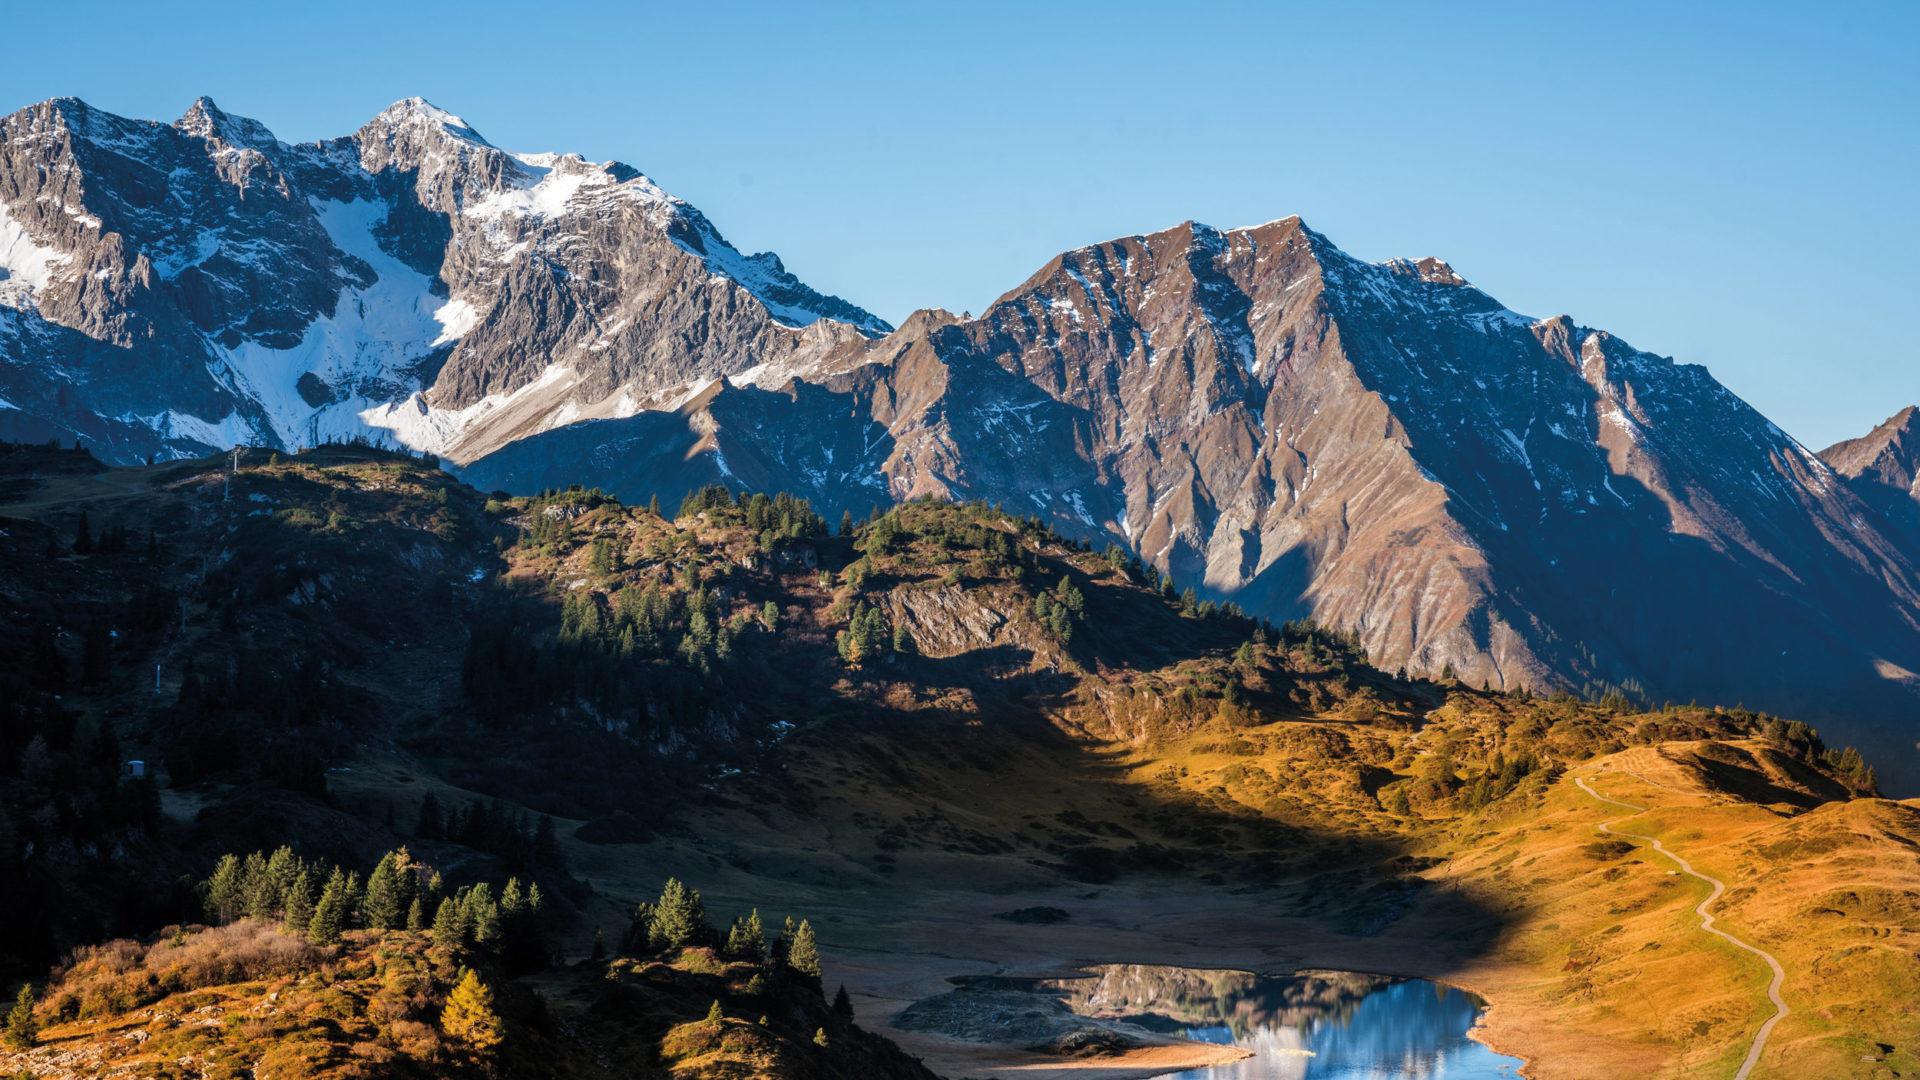 Kalbelesee, Tannberg, Herbst in Vorarlberg © Ludwig Berchtold / Vorarlberg Tourismus